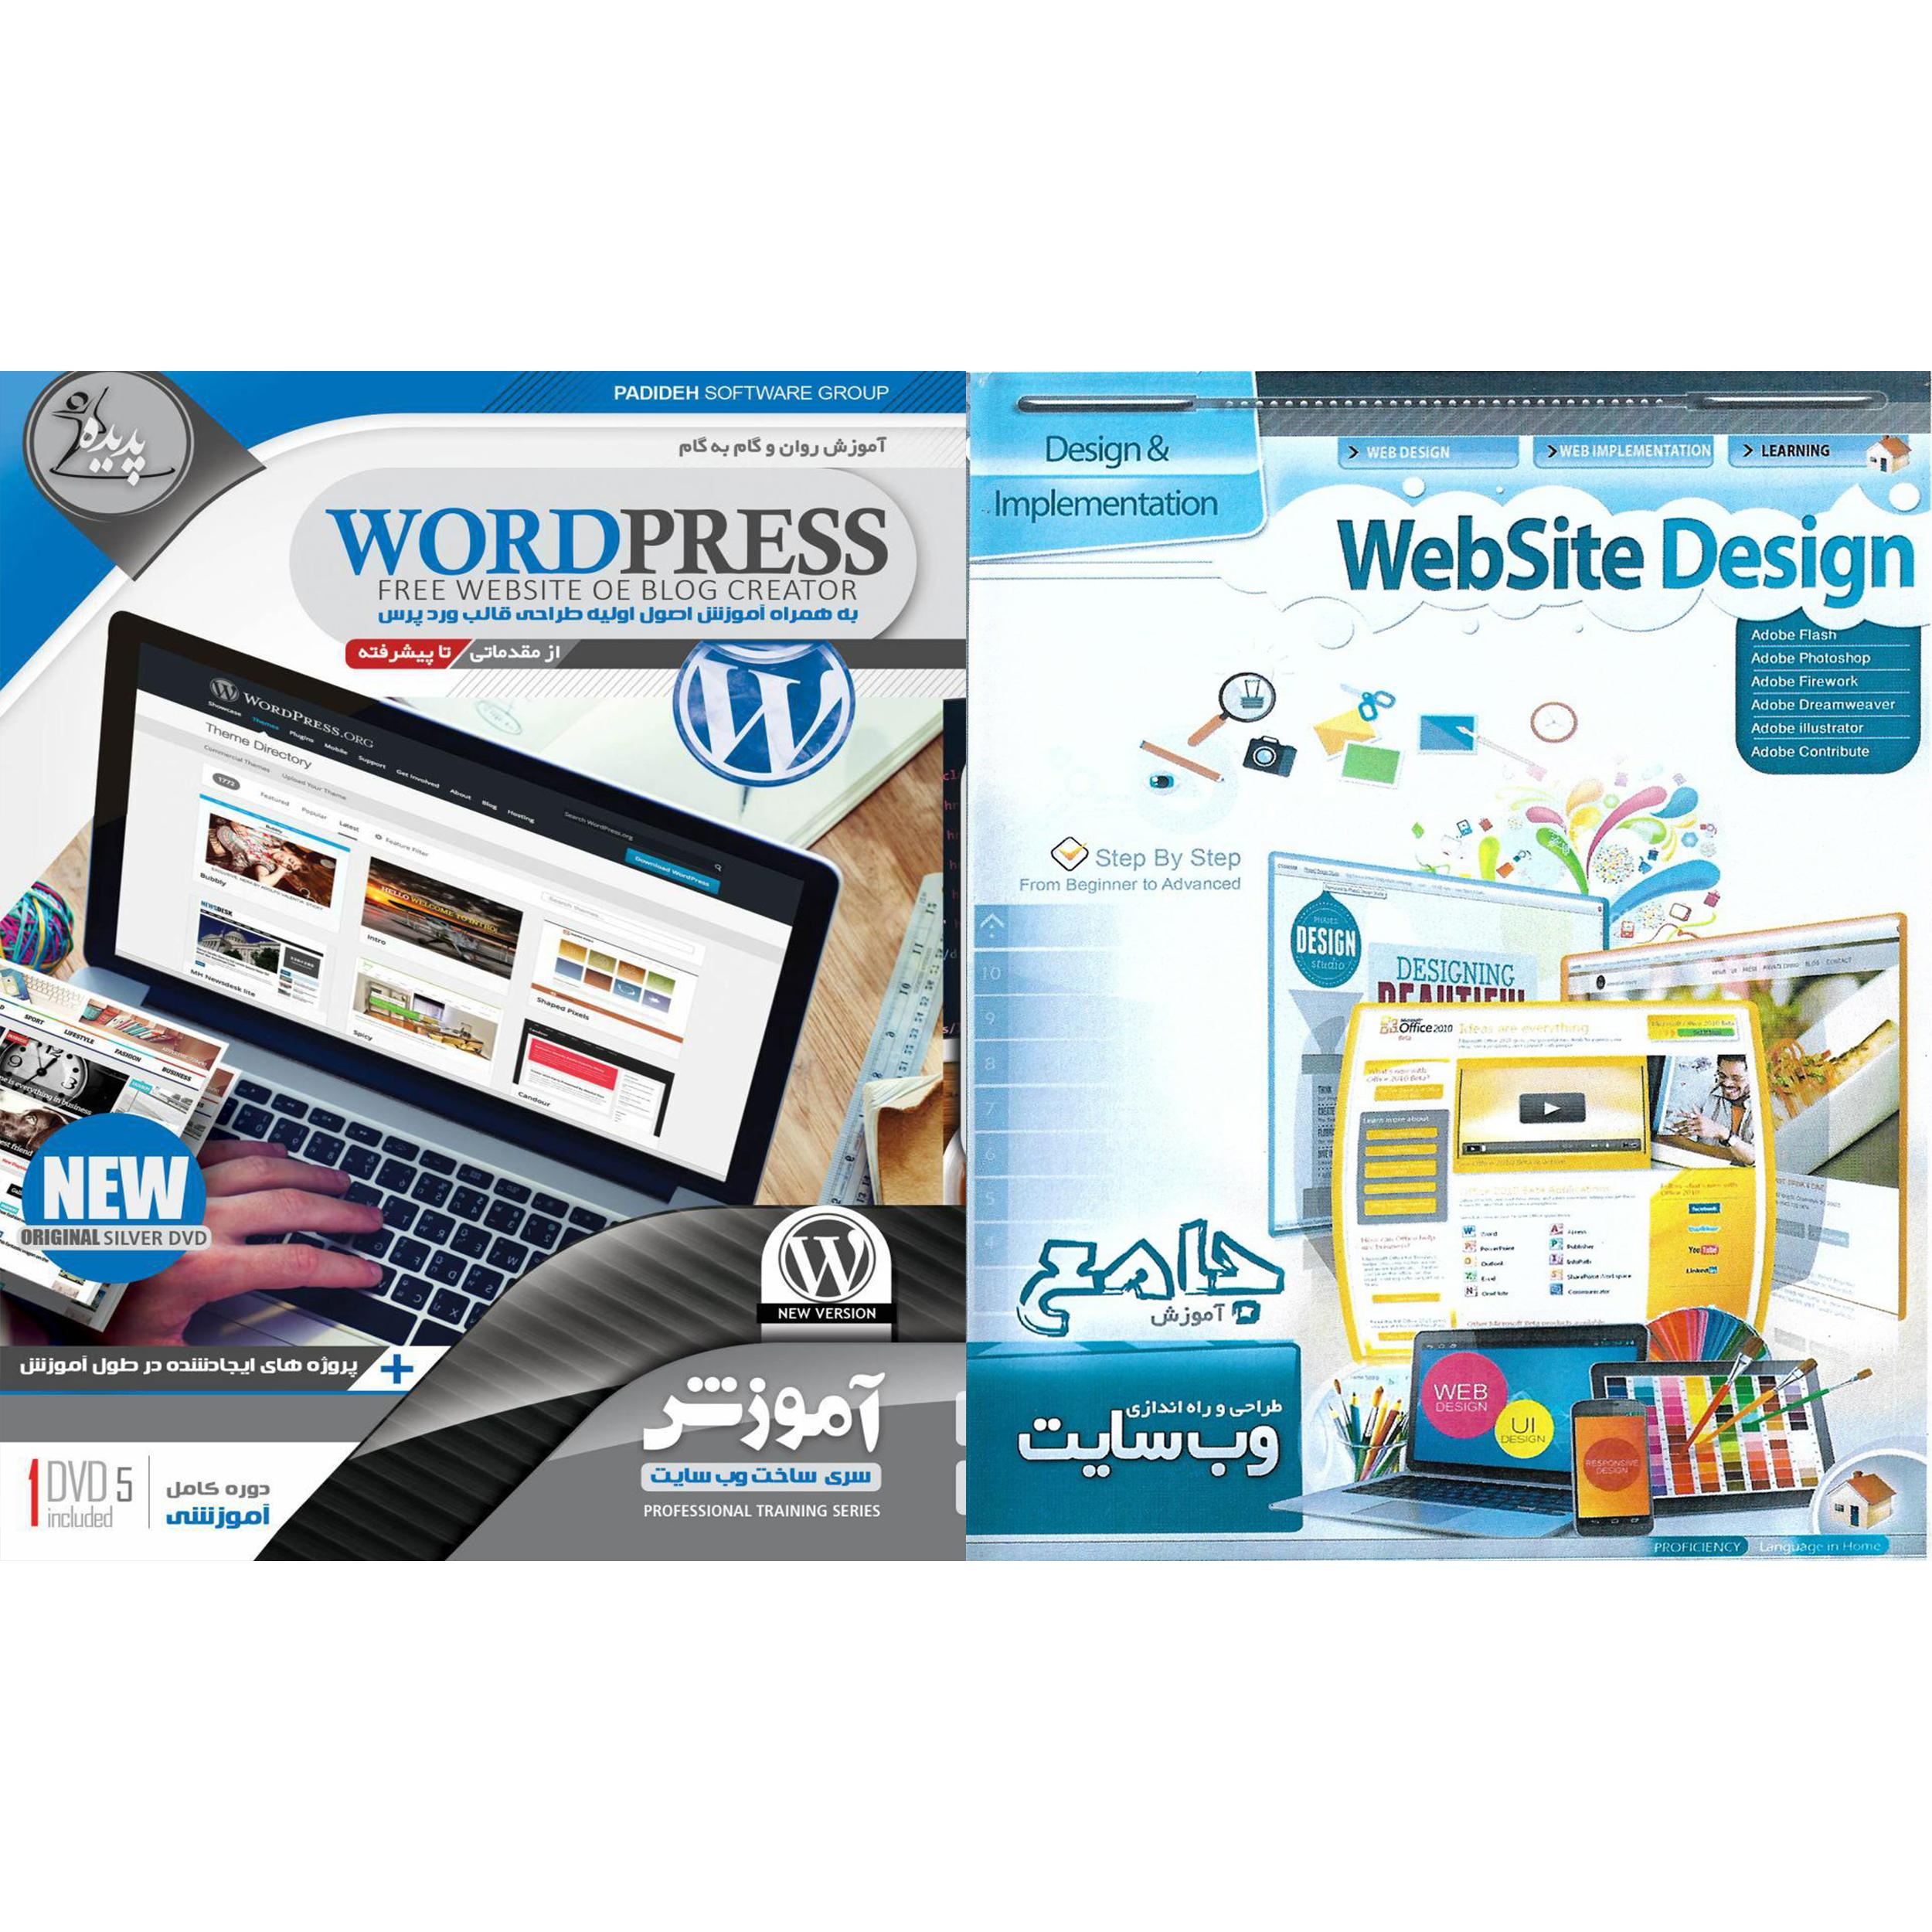 نرم افزار آموزش طراحی و راه اندازی وب سایت نشر پانا به همراه نرم افزار آموزش WORDPRESS نشر پدیده